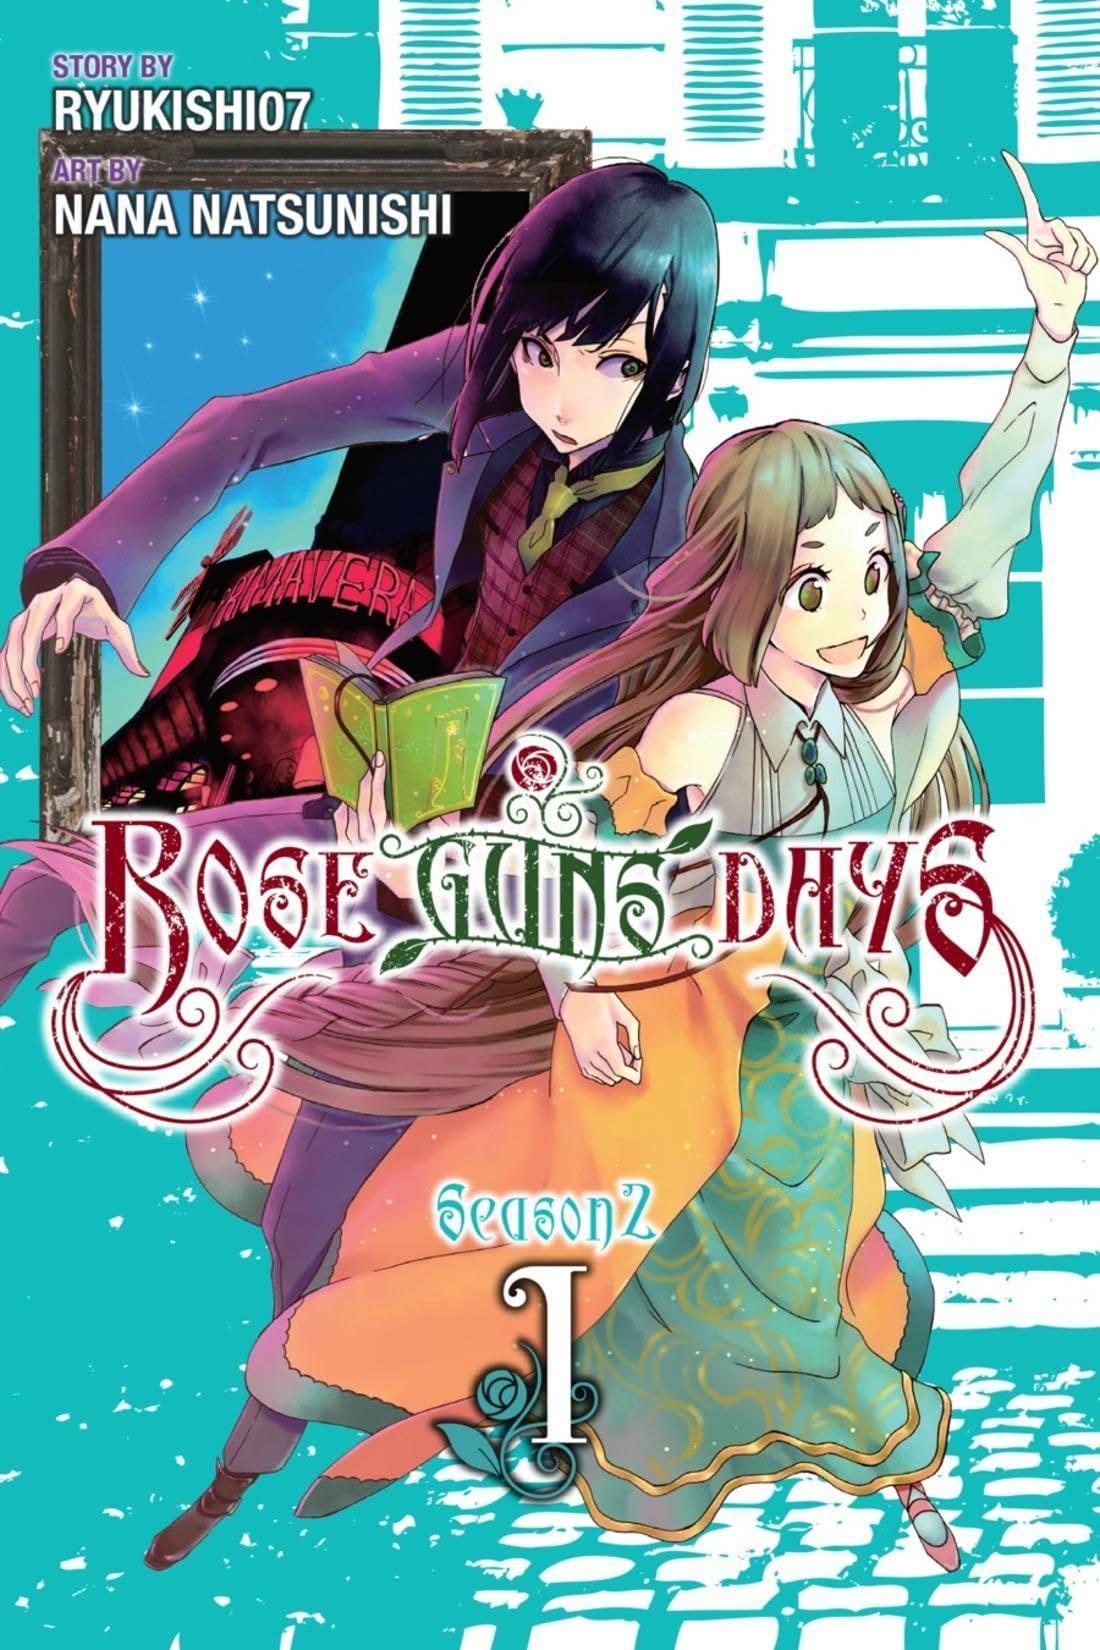 Rose Guns Days Season 2 Vol. 1